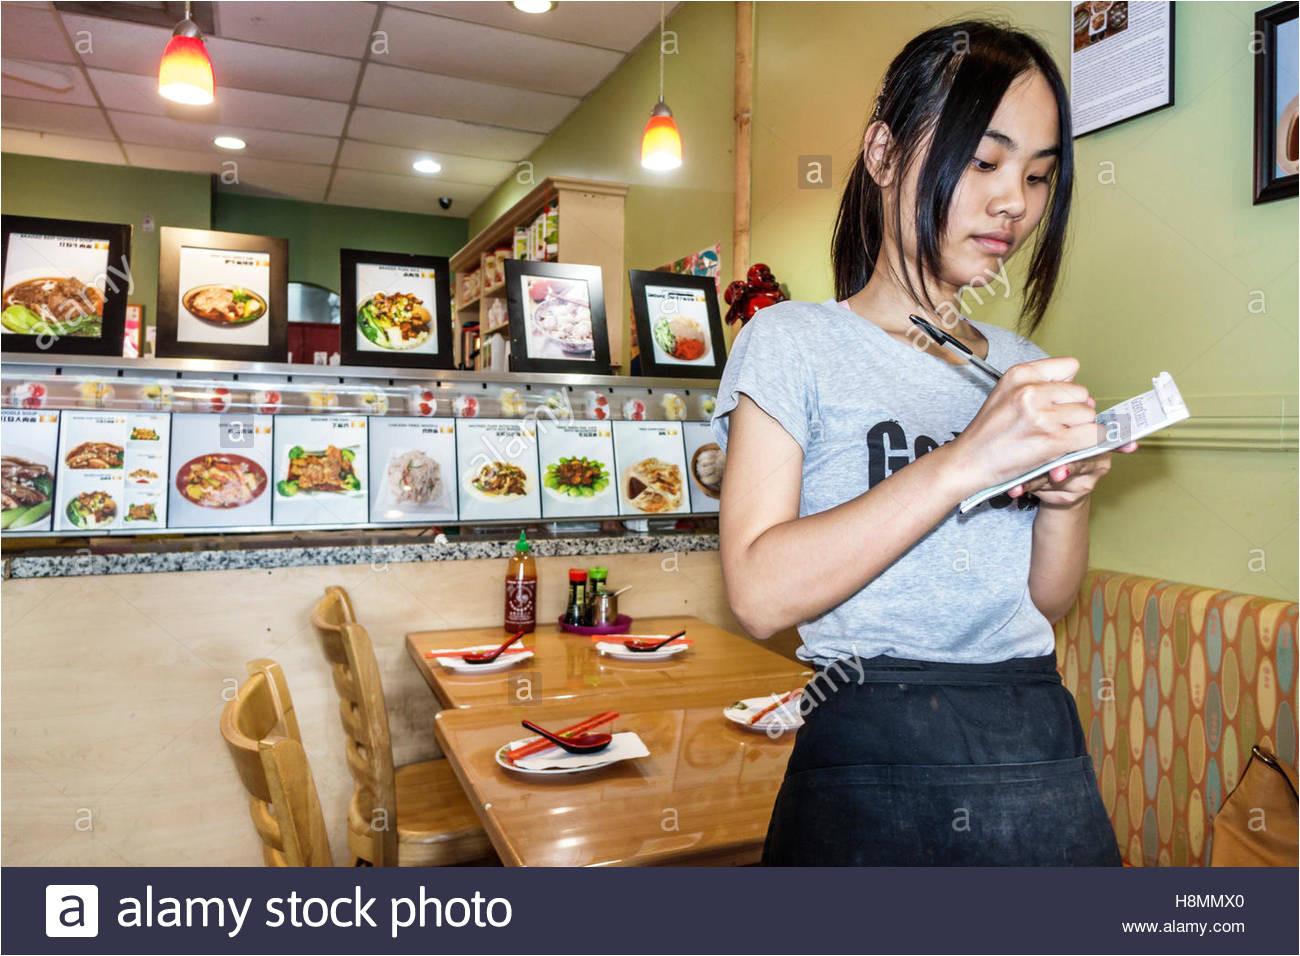 north miami beach florida knodel konig chinese restaurant innen schreiben bestellung kellnerin mitarbeiter